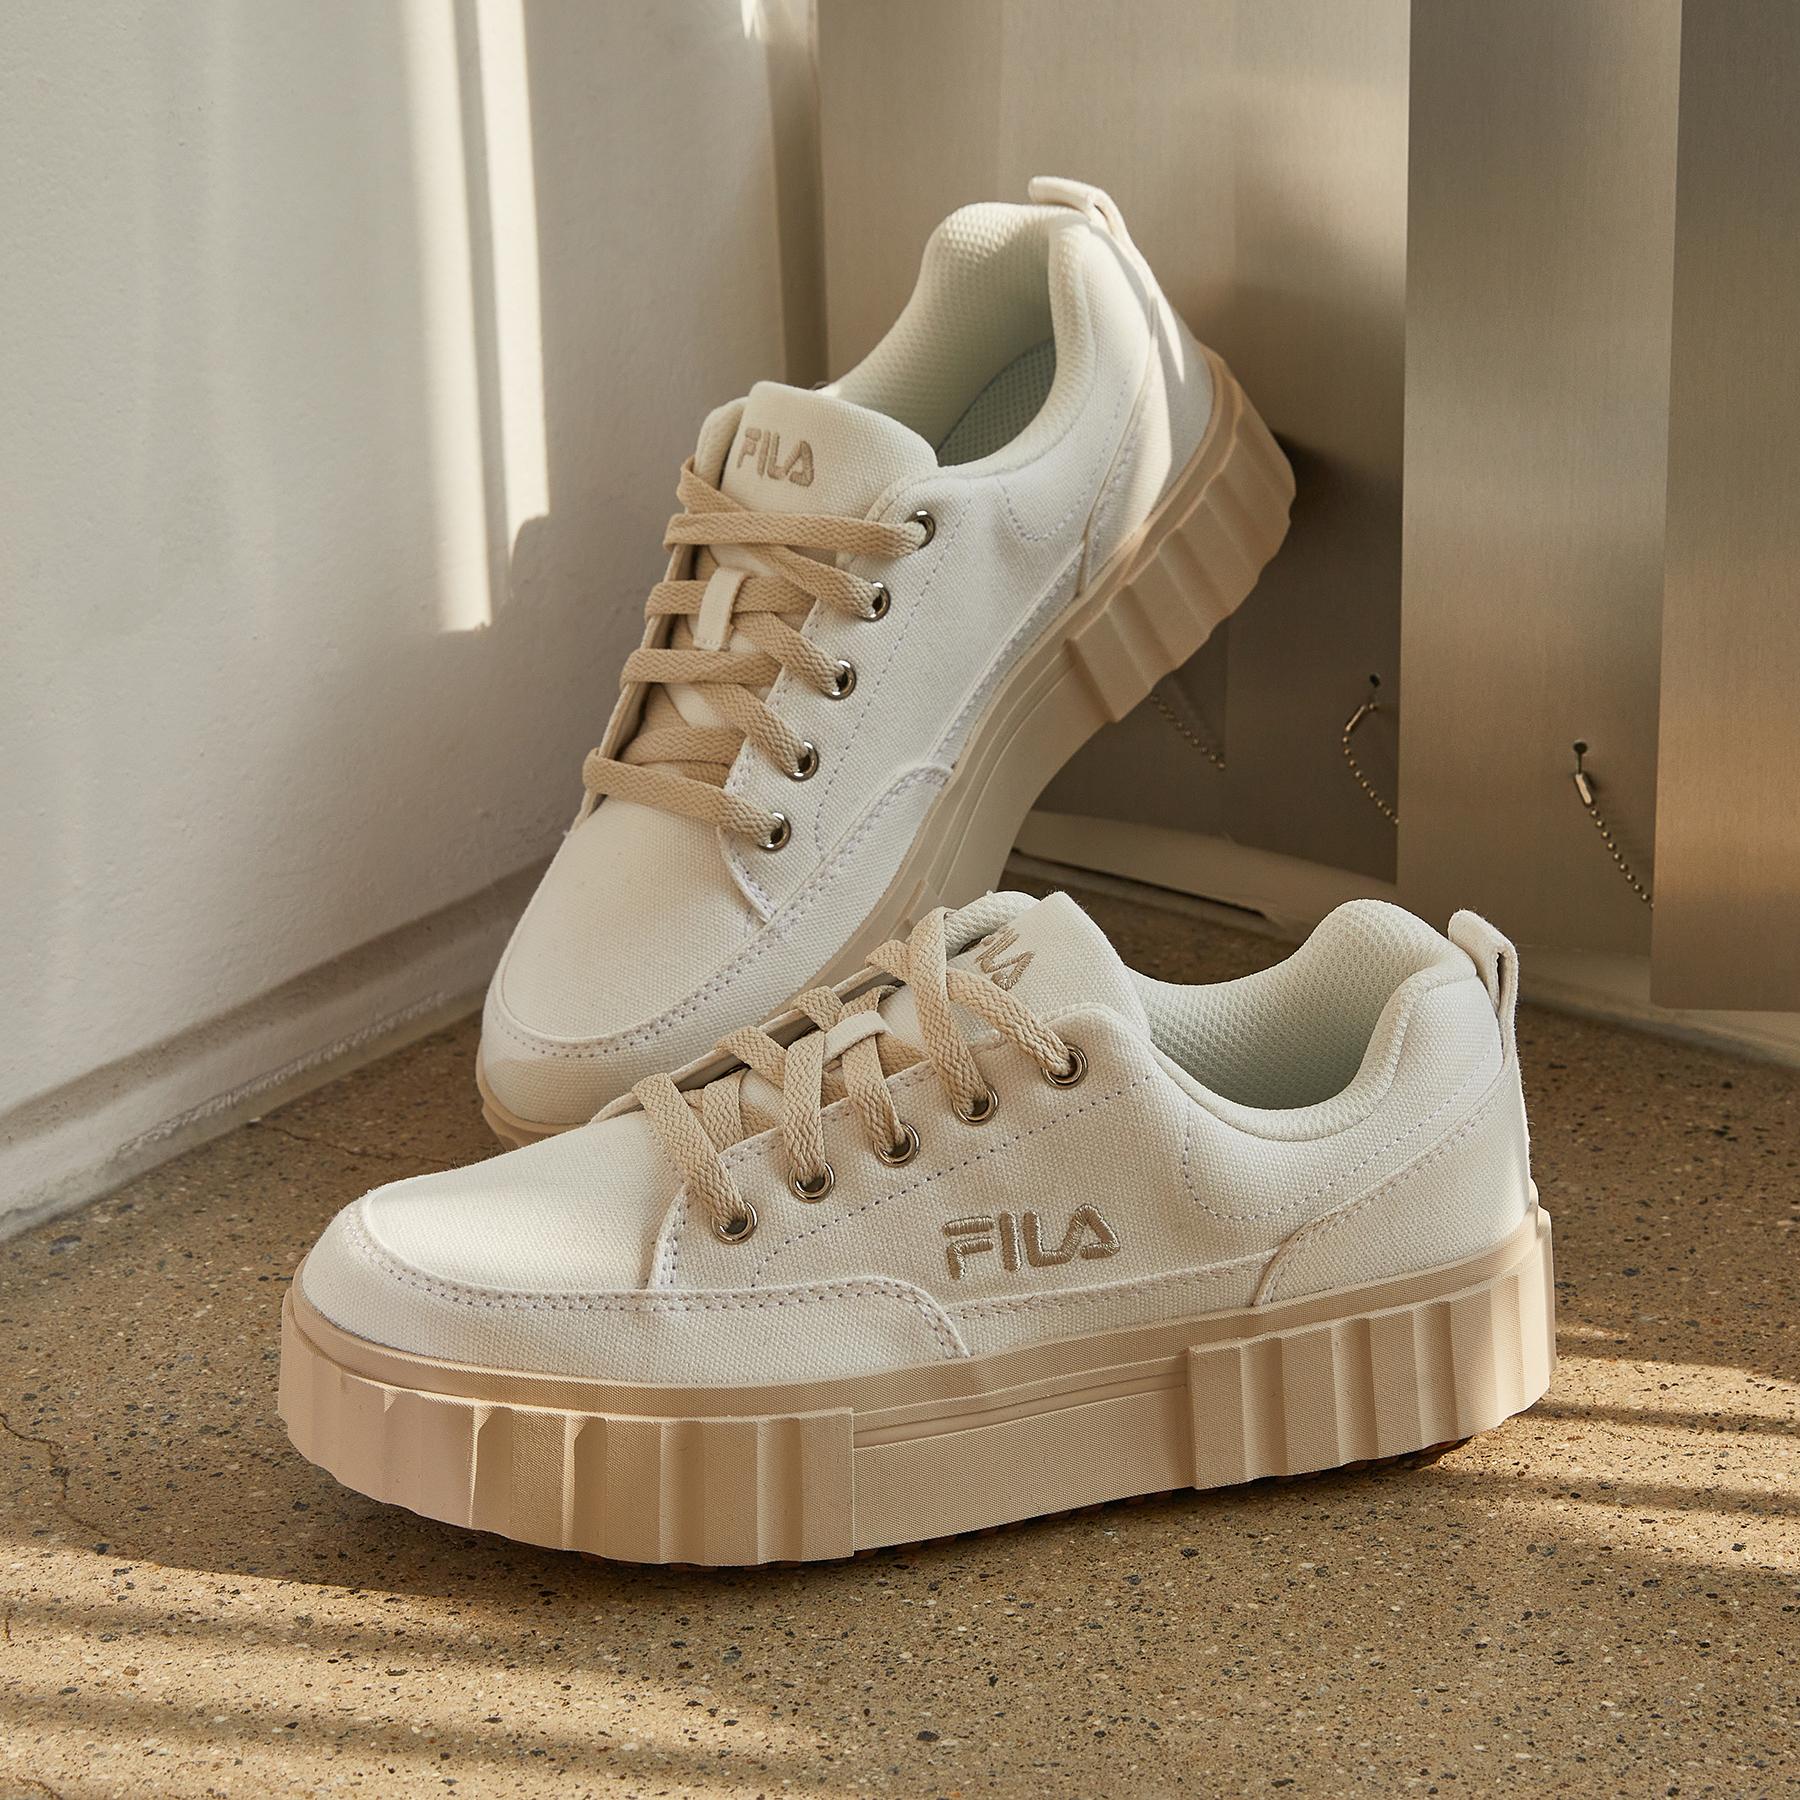 韓國FILA  SAND BLAST ROW CV餅乾鞋 (米色)